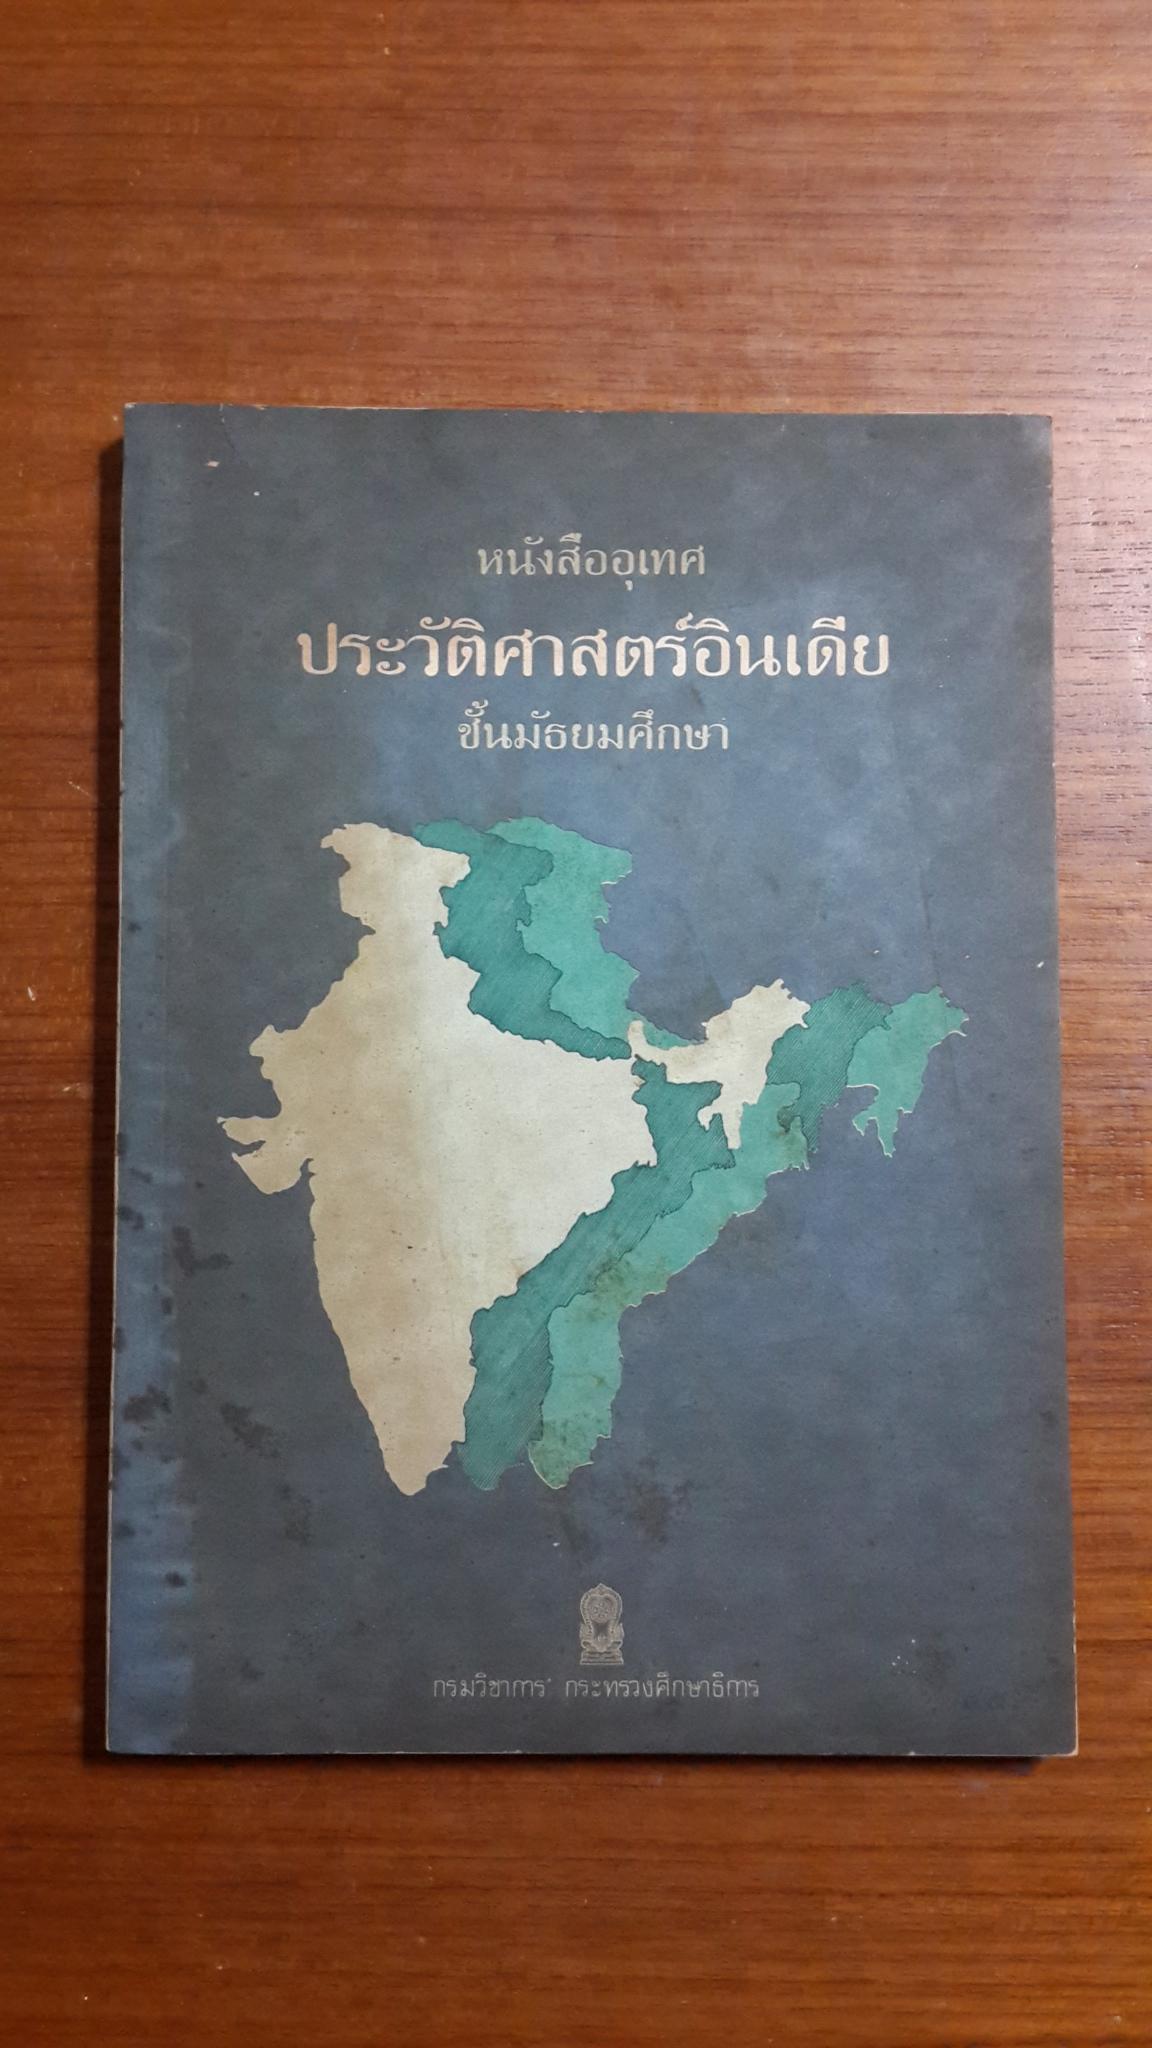 หนังสืออุเทศประวัติศาสตร์อินเดีย ชั้นมัธยมศึกษา / กรมวิชาการ กระทรวงศึกษาธิการ